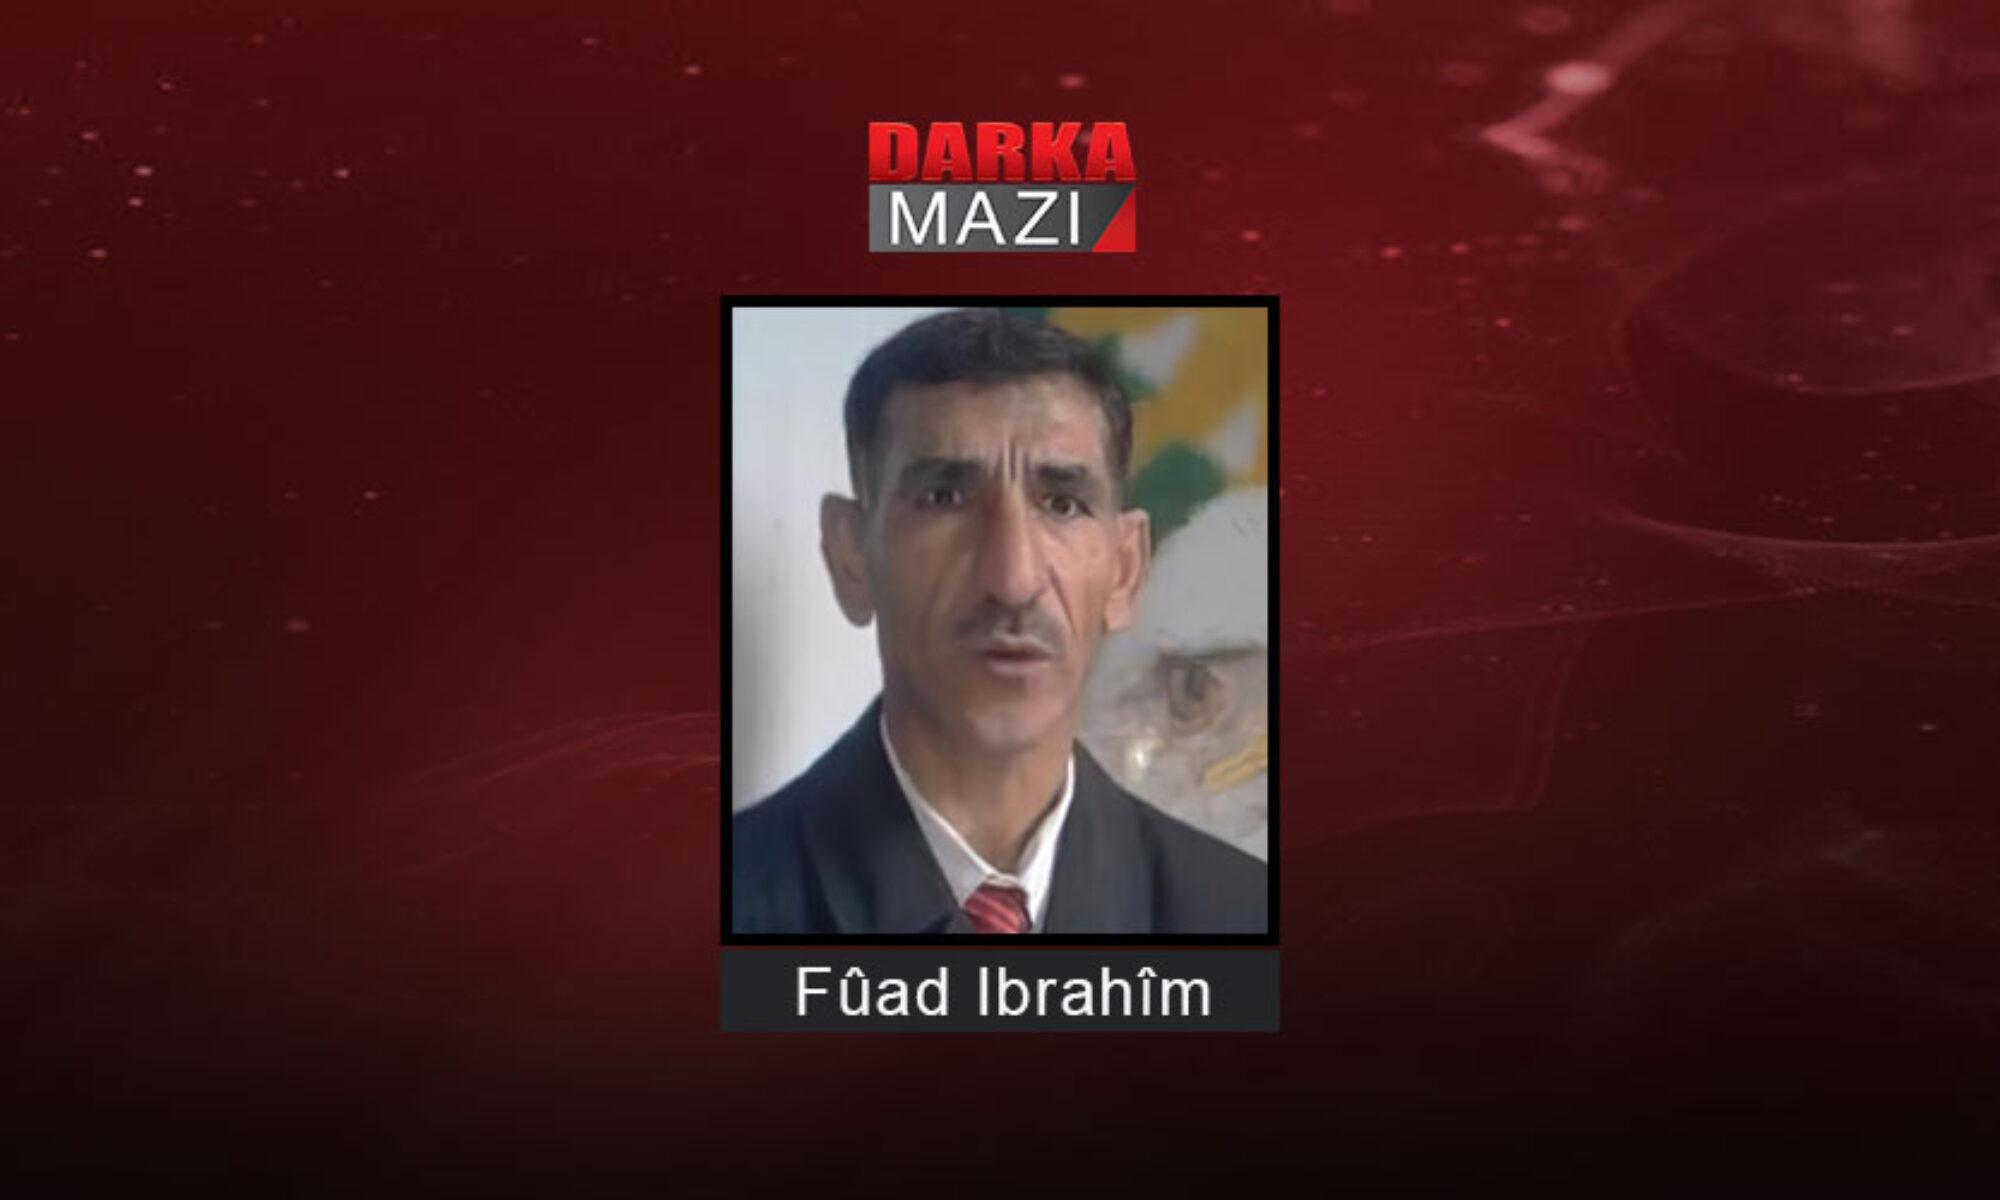 PYD Asayişinin dört yıl önce kaçırdığı Fuad İbrahim nerede? ENKS; PKK; Kandil, Cıwanên Şoreşger, Şekirxaç, Derik, Kürt Yüksek Konseyi, Suriye Rejimi